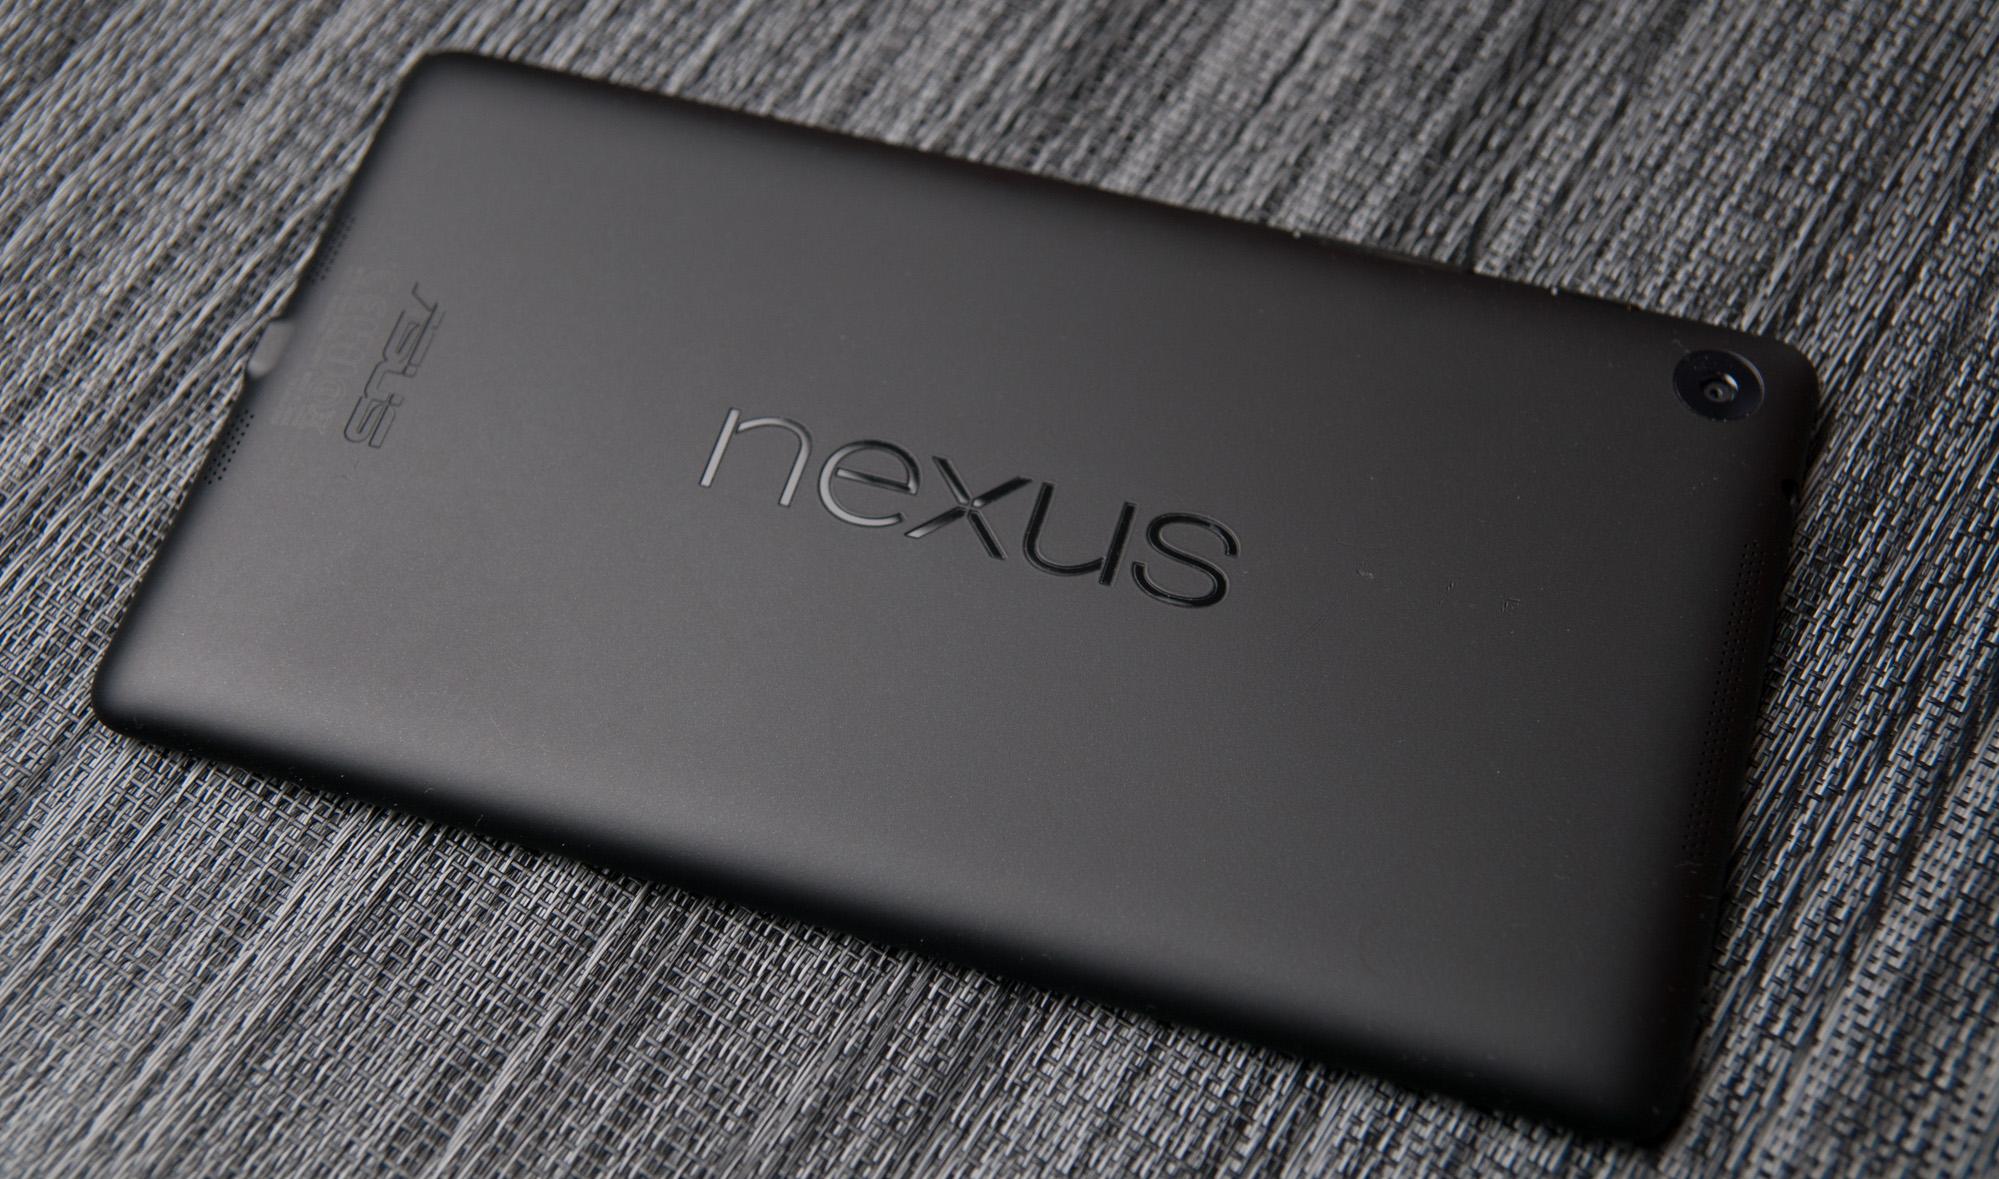 Rumores apuntan a un Nexus 7 (2016) de Huawei con Android N 1